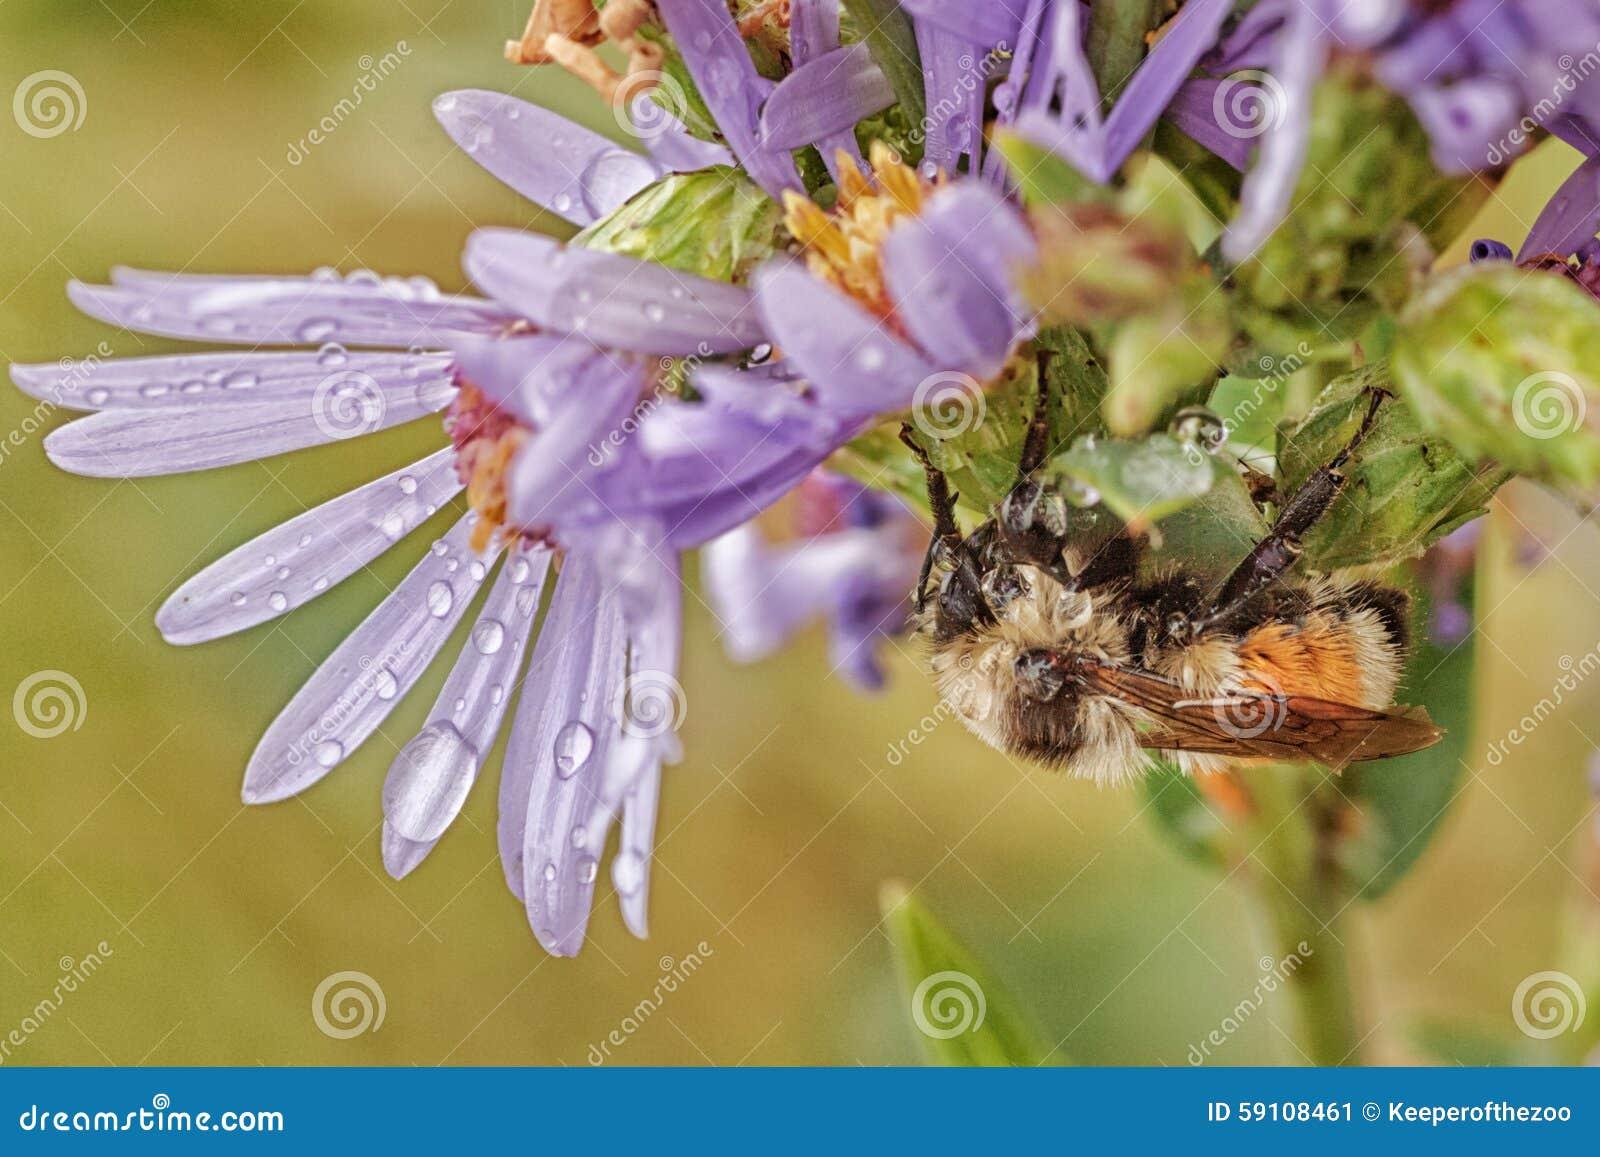 Macro of a Wet Bee